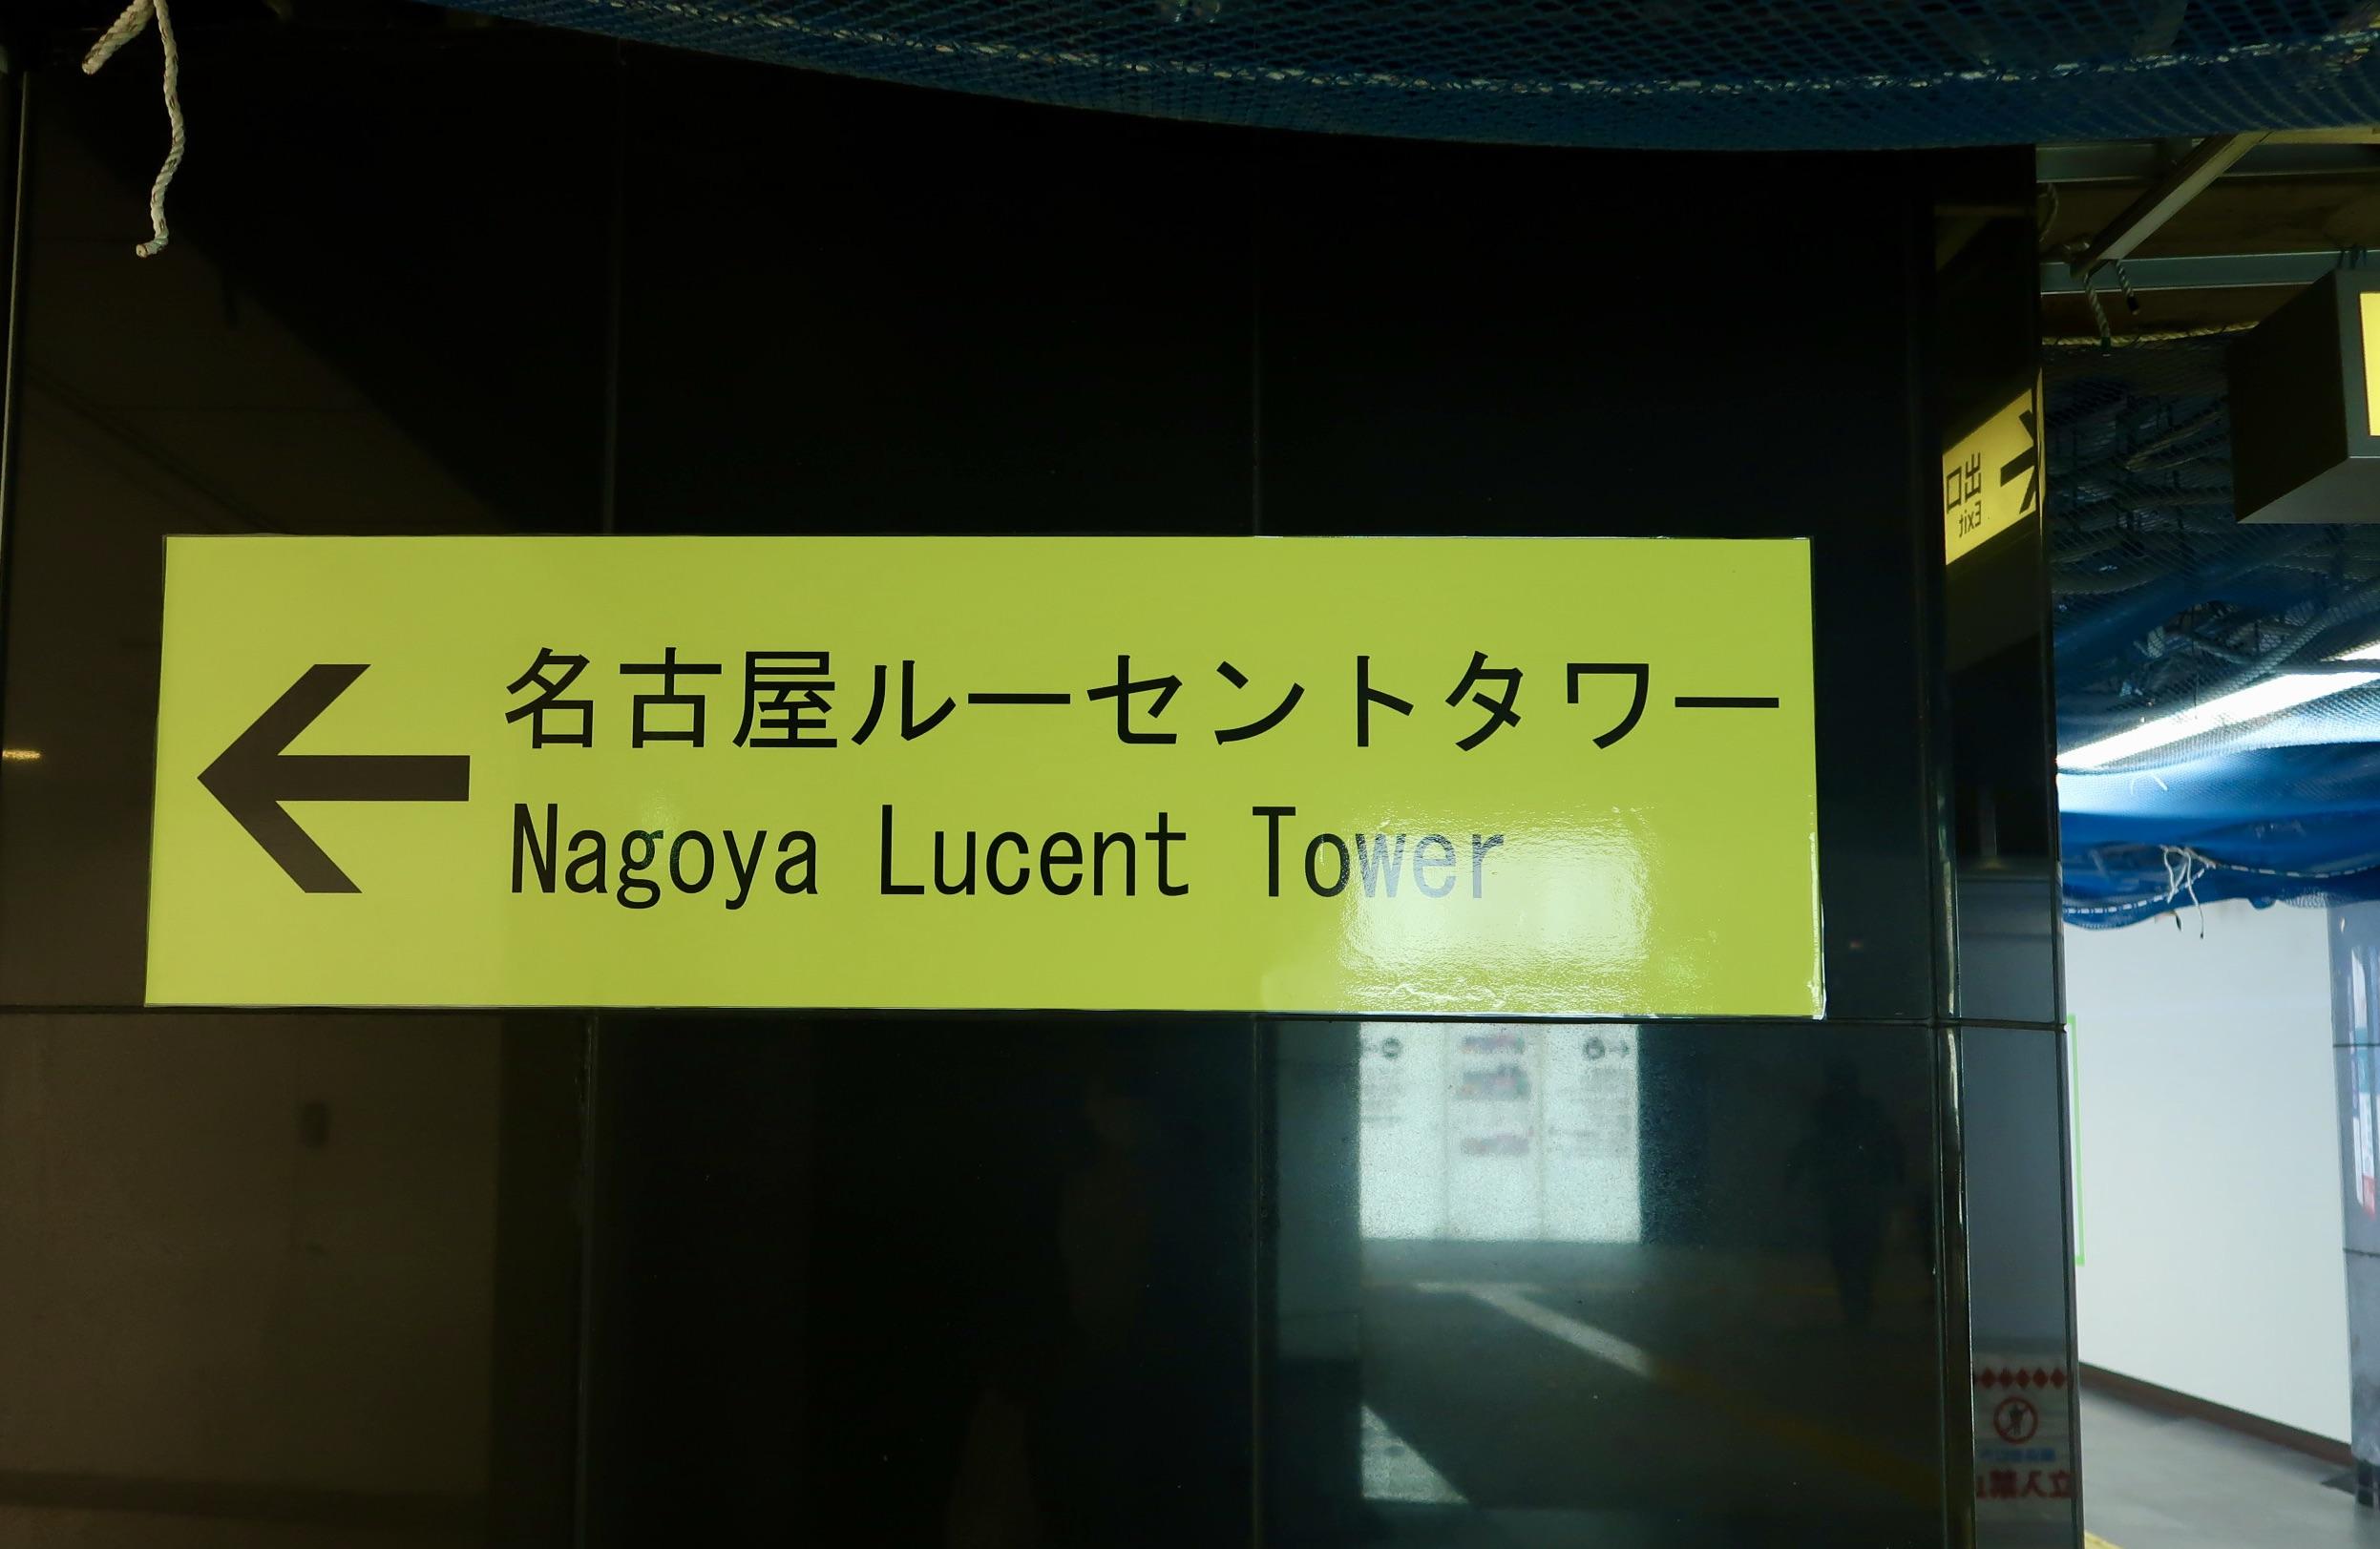 名古屋駅周辺でのんびり過ごそう!朝から晩まで癒しの旅を。 - 376F994E 5082 4040 8D06 E0B583B776A4 1 201 a